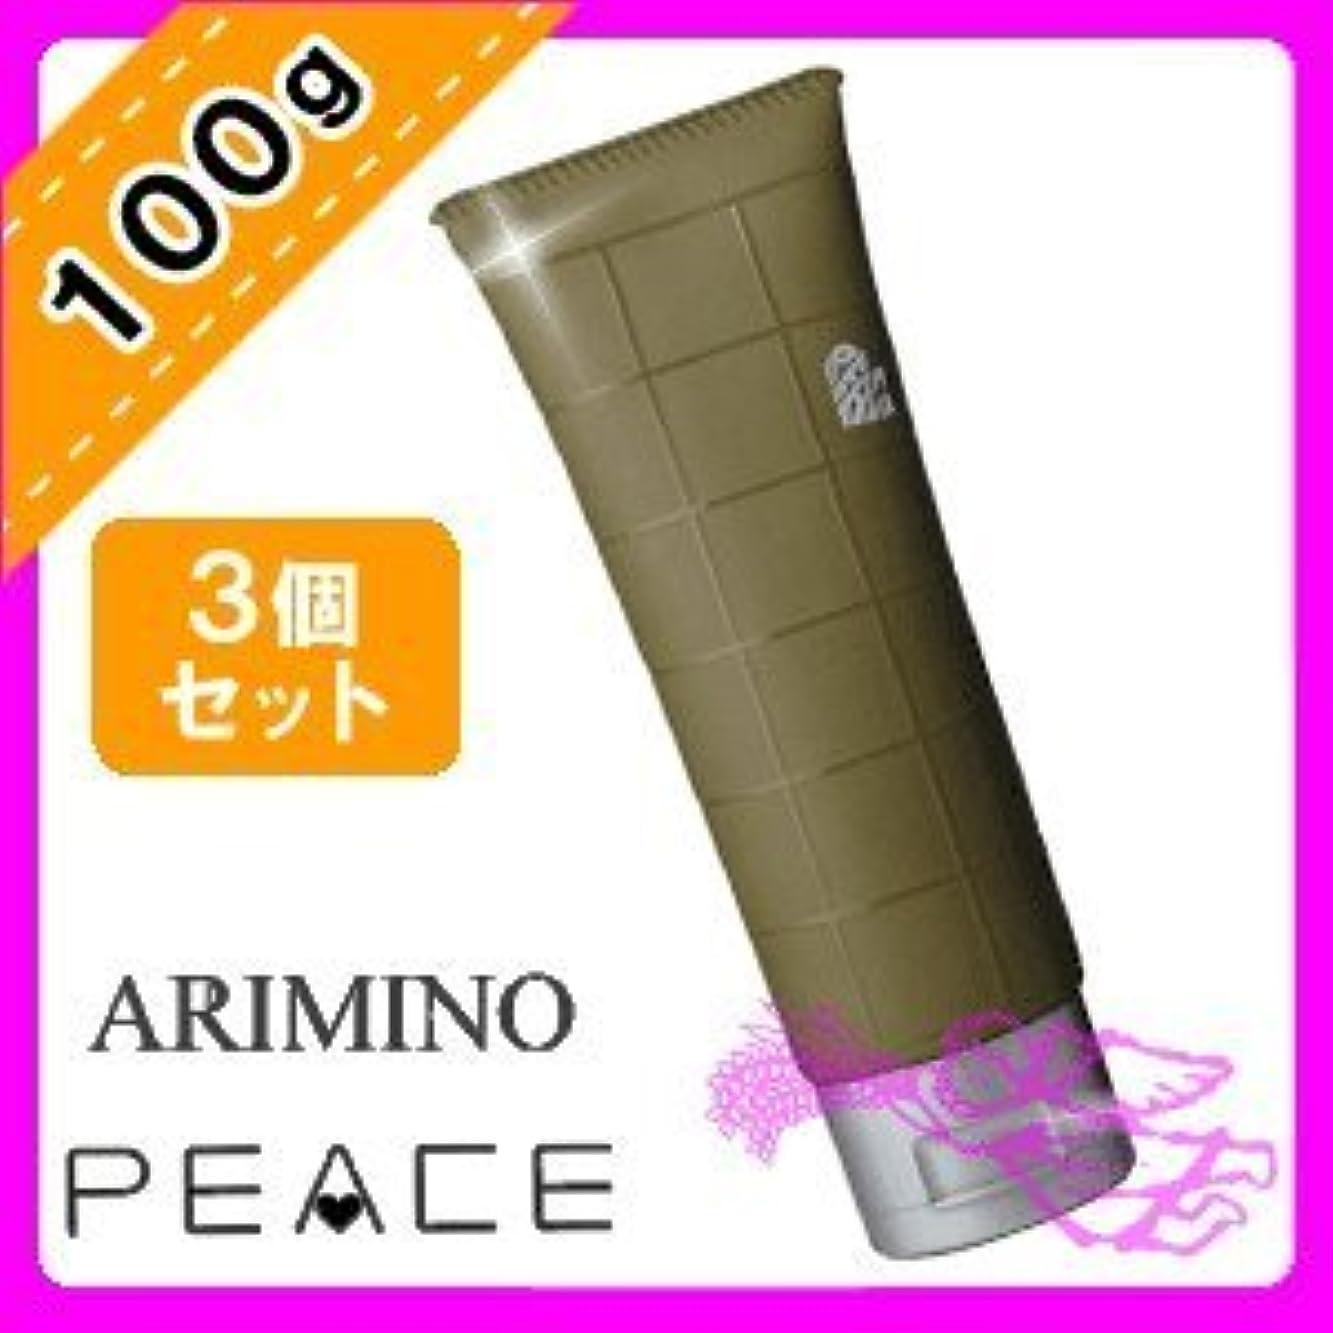 バイアスレンディションコンプリートアリミノ ピース ウェットオイル ワックス 100g ×3個セット arimino PEACE